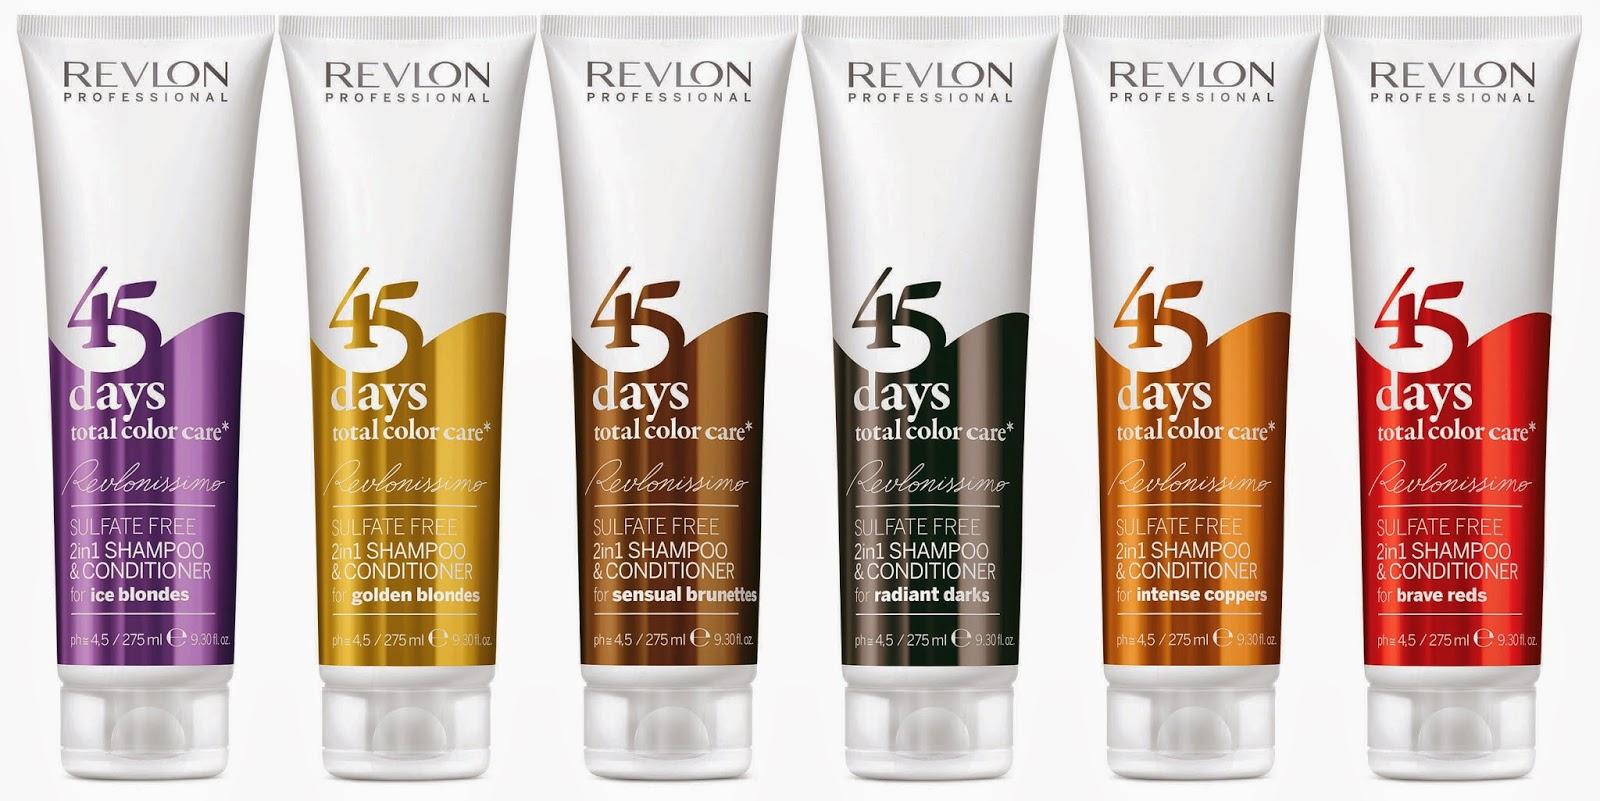 Revlonissimo 45 Days De Revlon Professional Un 10 En Belleza